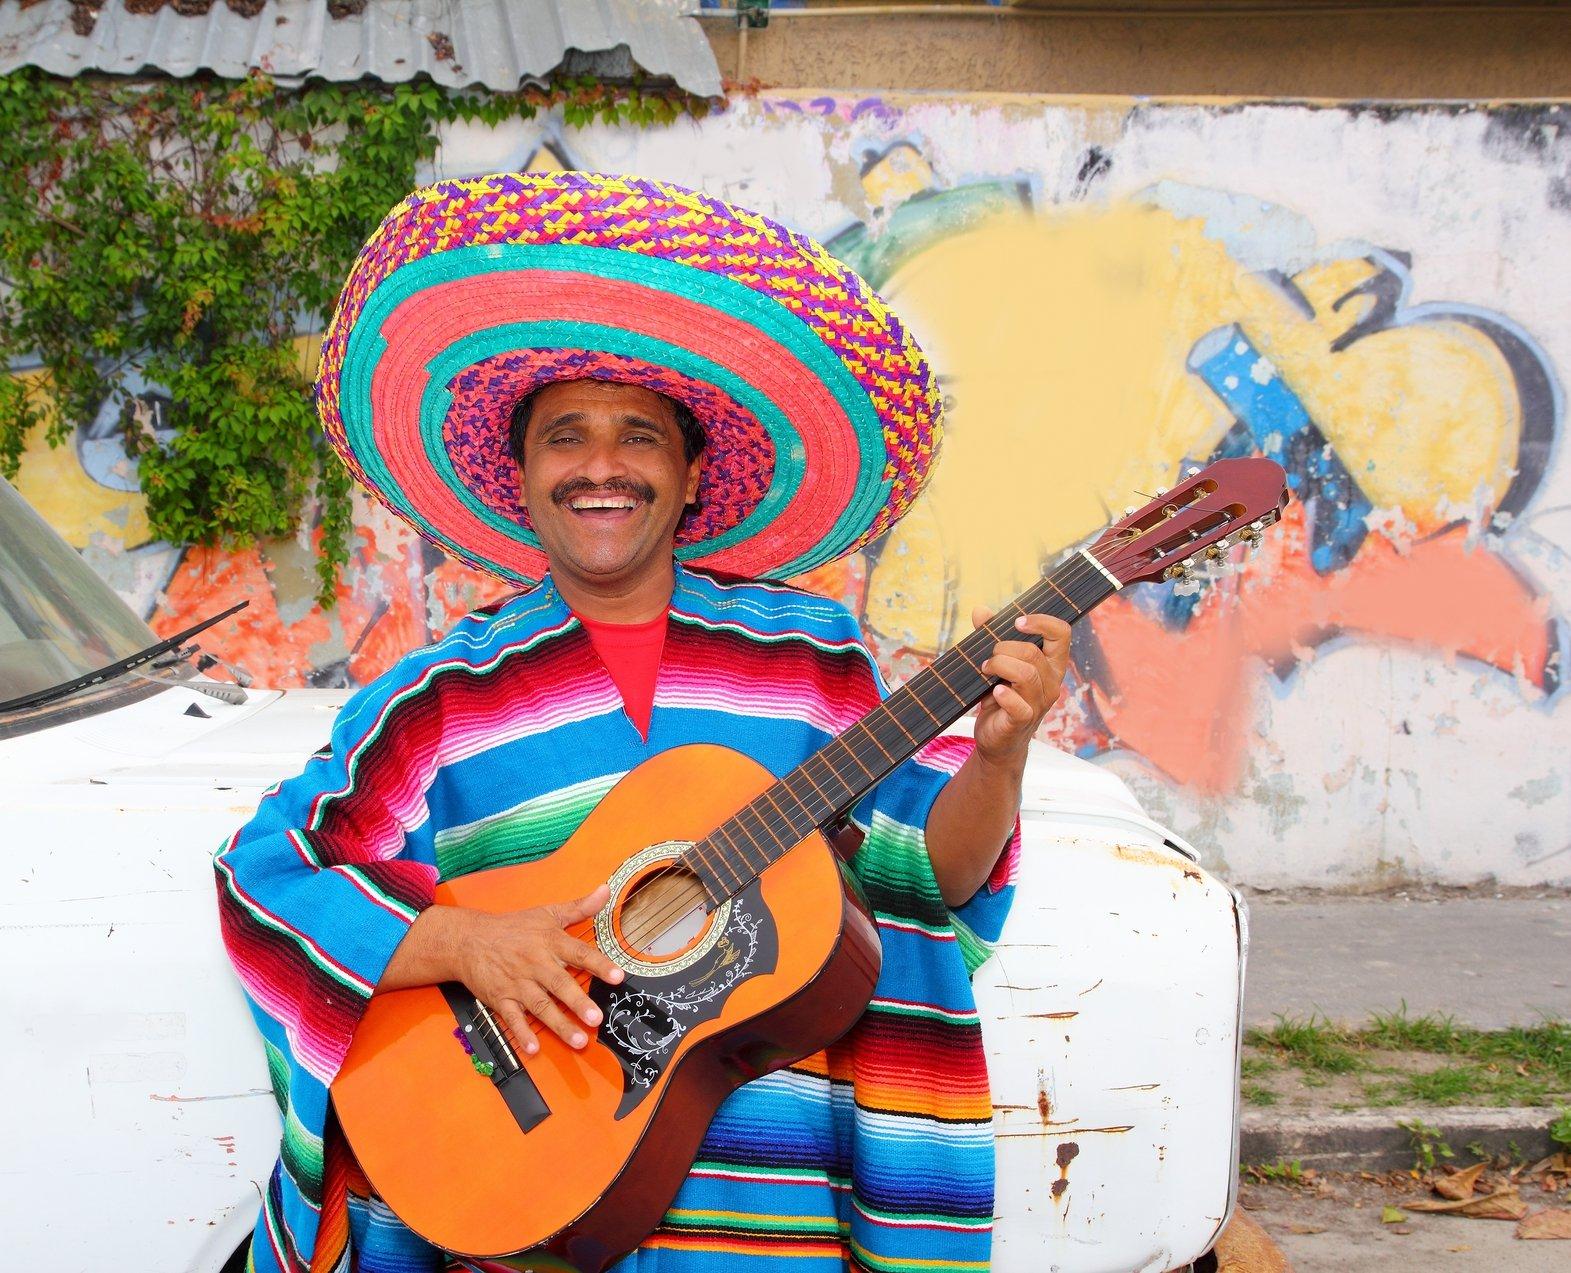 Способы эмиграции из стран СНГ в Мексику в 2019 году